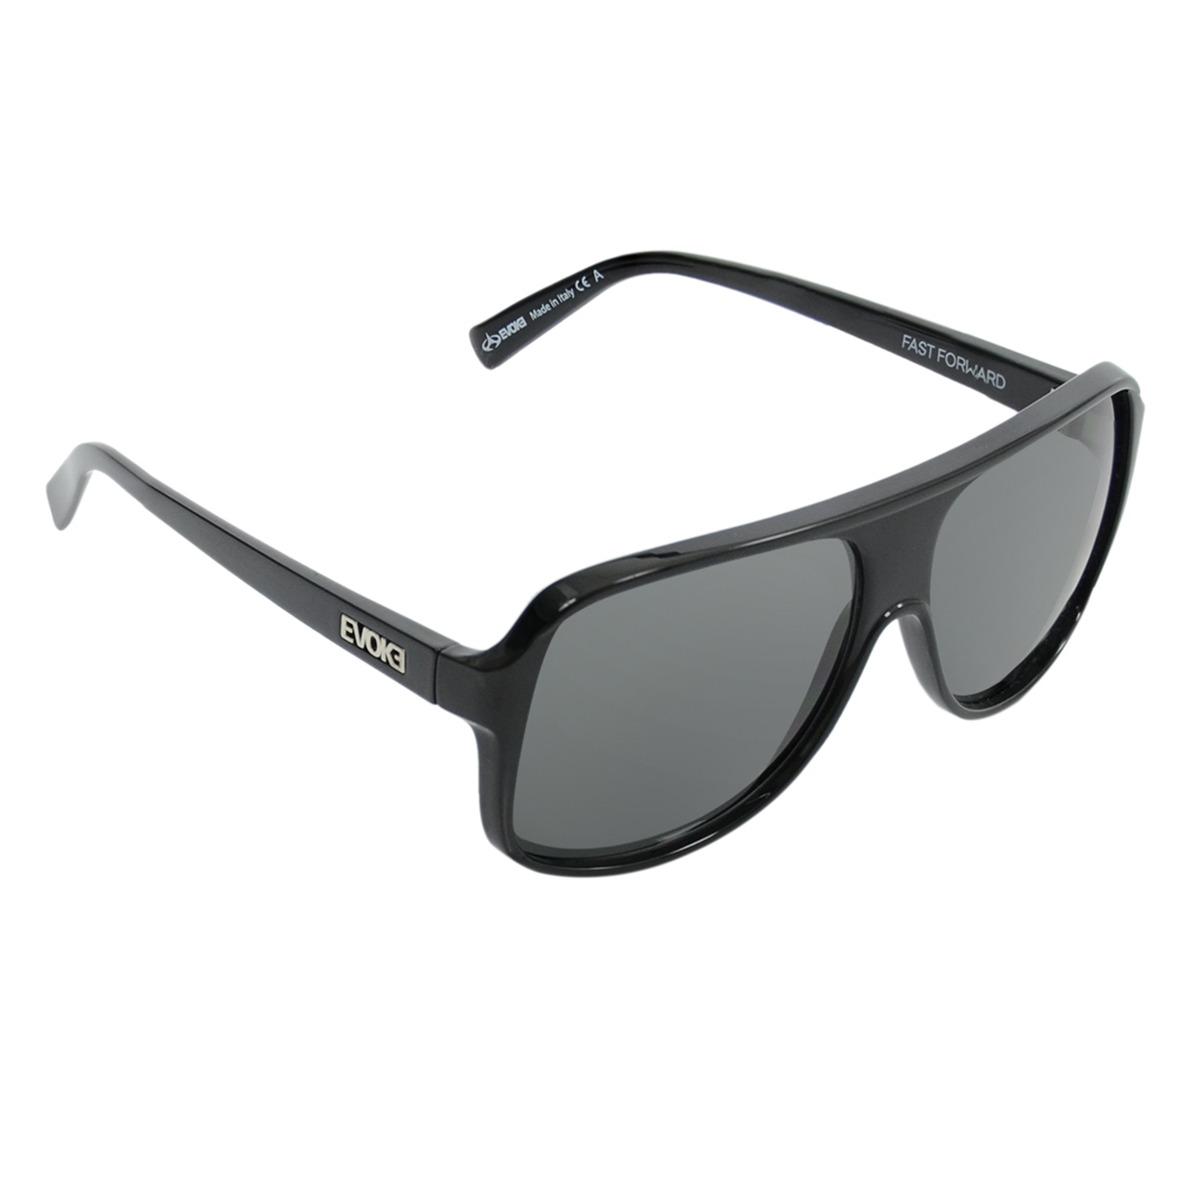 917cb7eaff279 Óculos Masculino Evoke Evk 04 Black Shine Silver - R  599,90 em ...